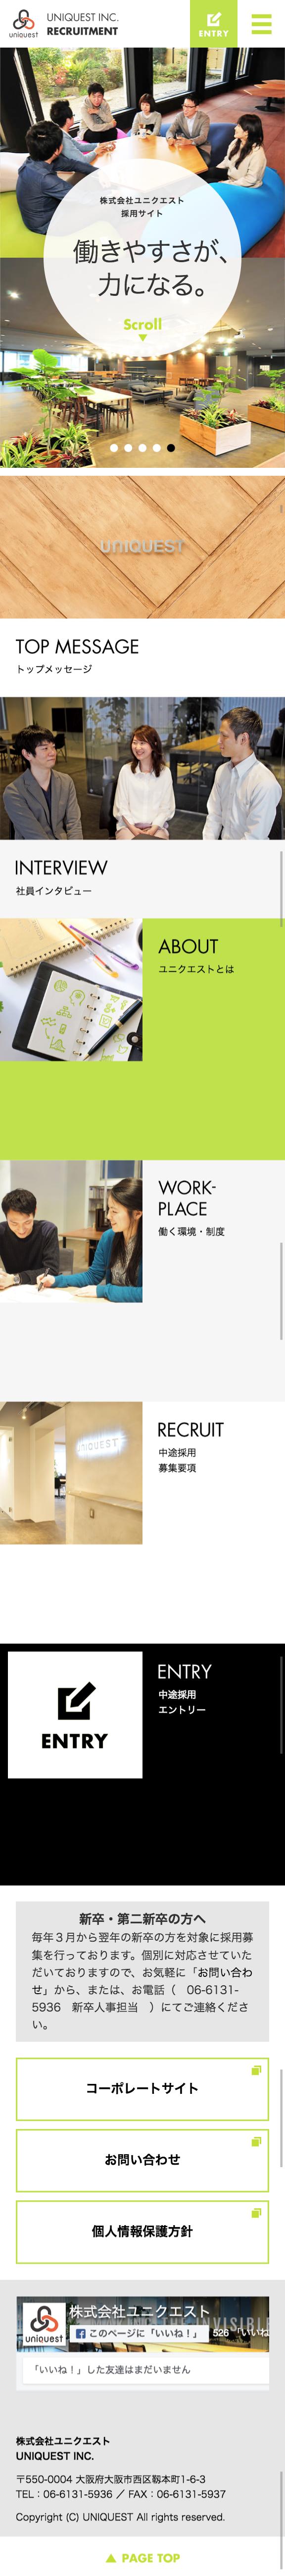 ホームページ制作事例株式会社ユニクエスト・オンライン 採用サイト